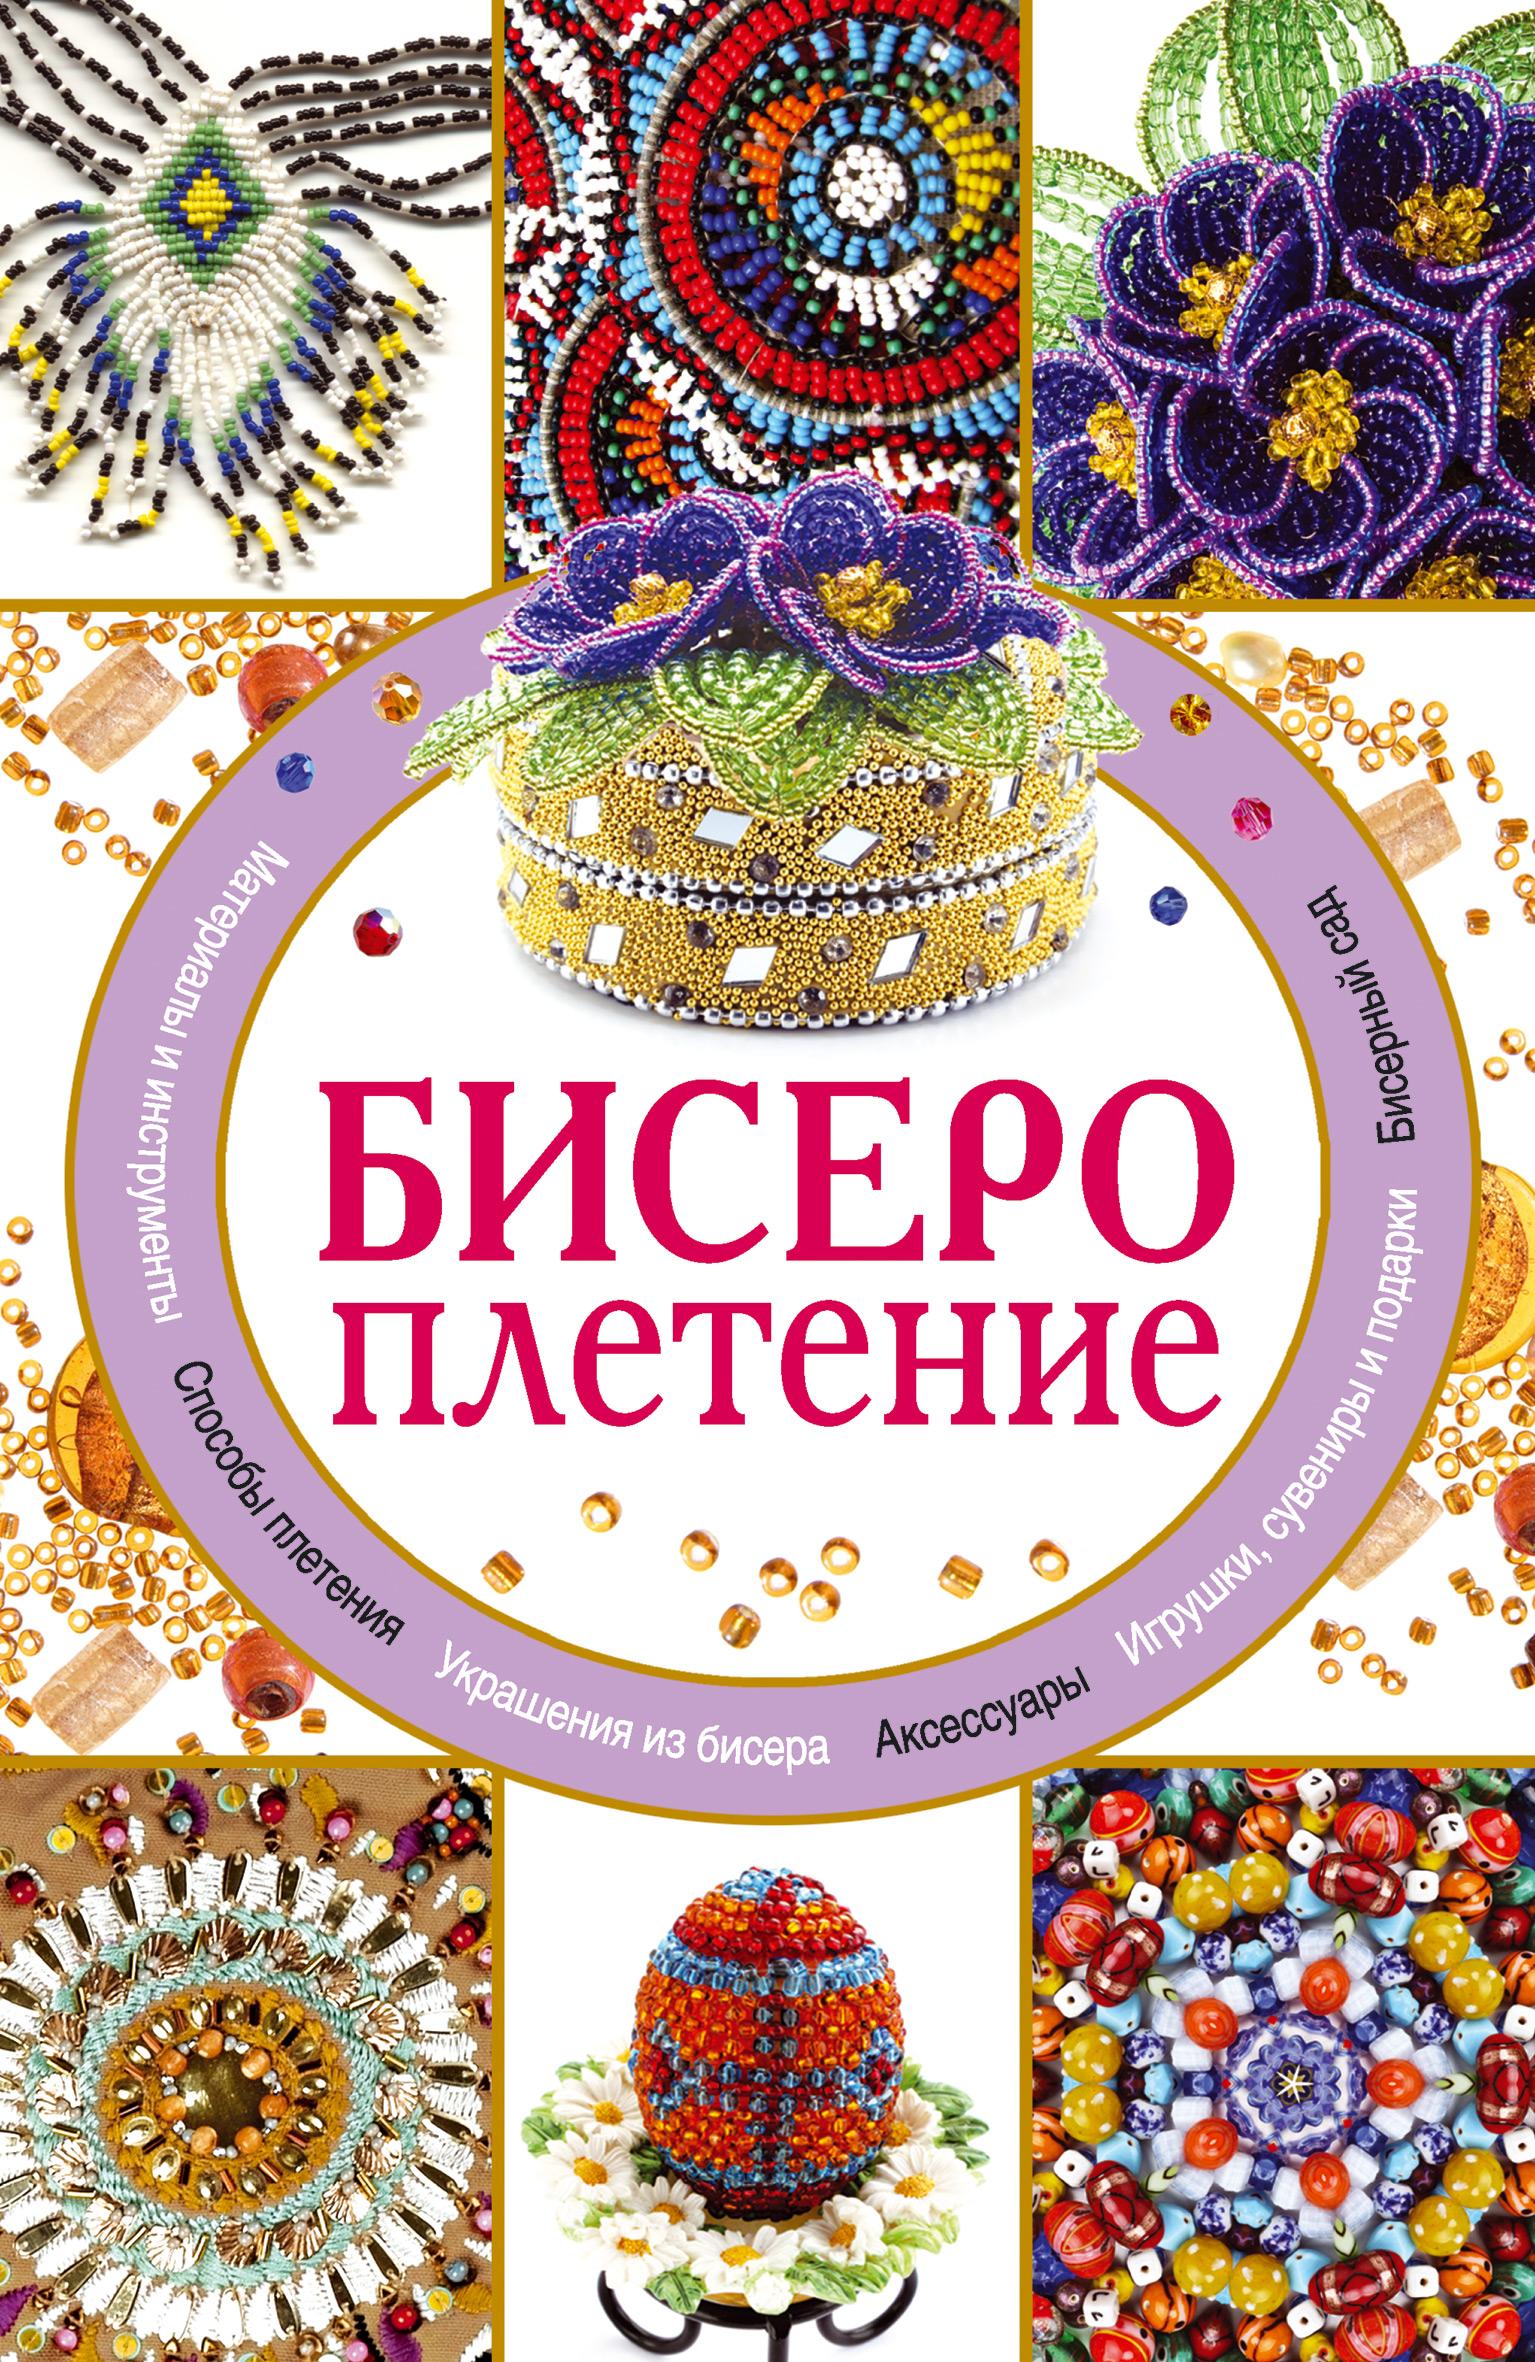 Дарья Нестерова Бисероплетение юлия денцова фигурки игрушки сувениры из бумаги подробные пошаговые инструкции